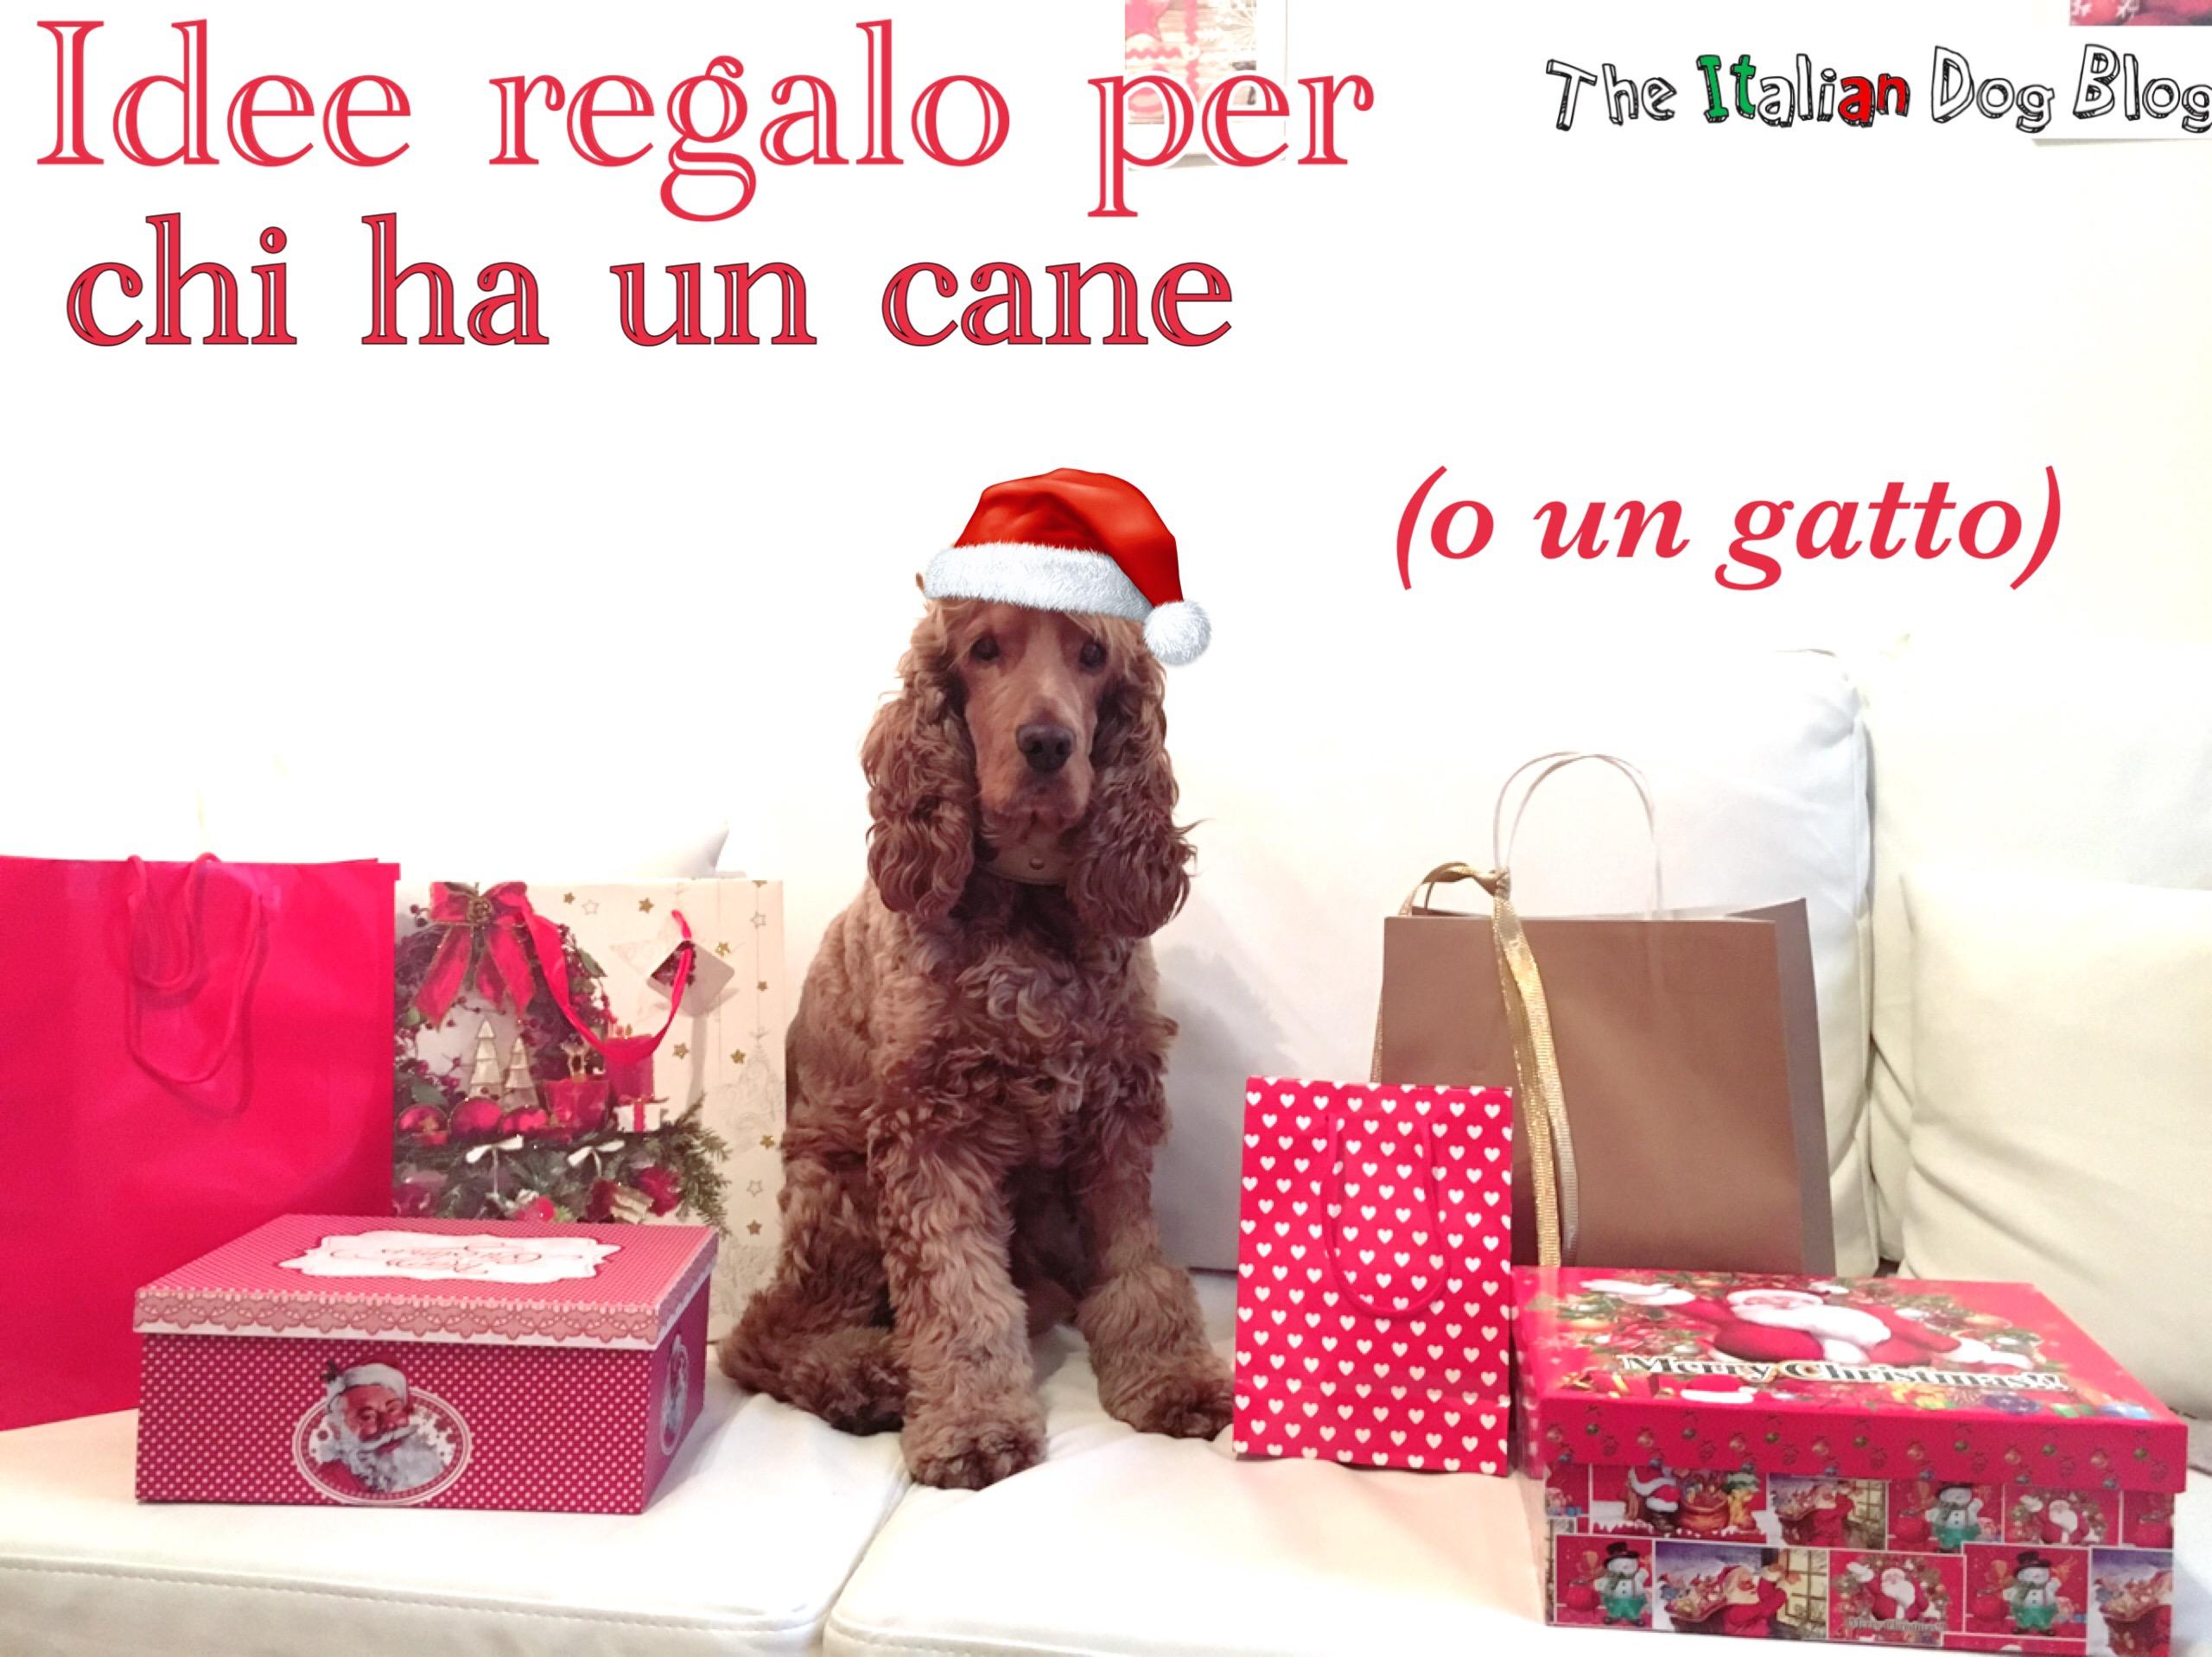 idee regalo per chi ha un cane